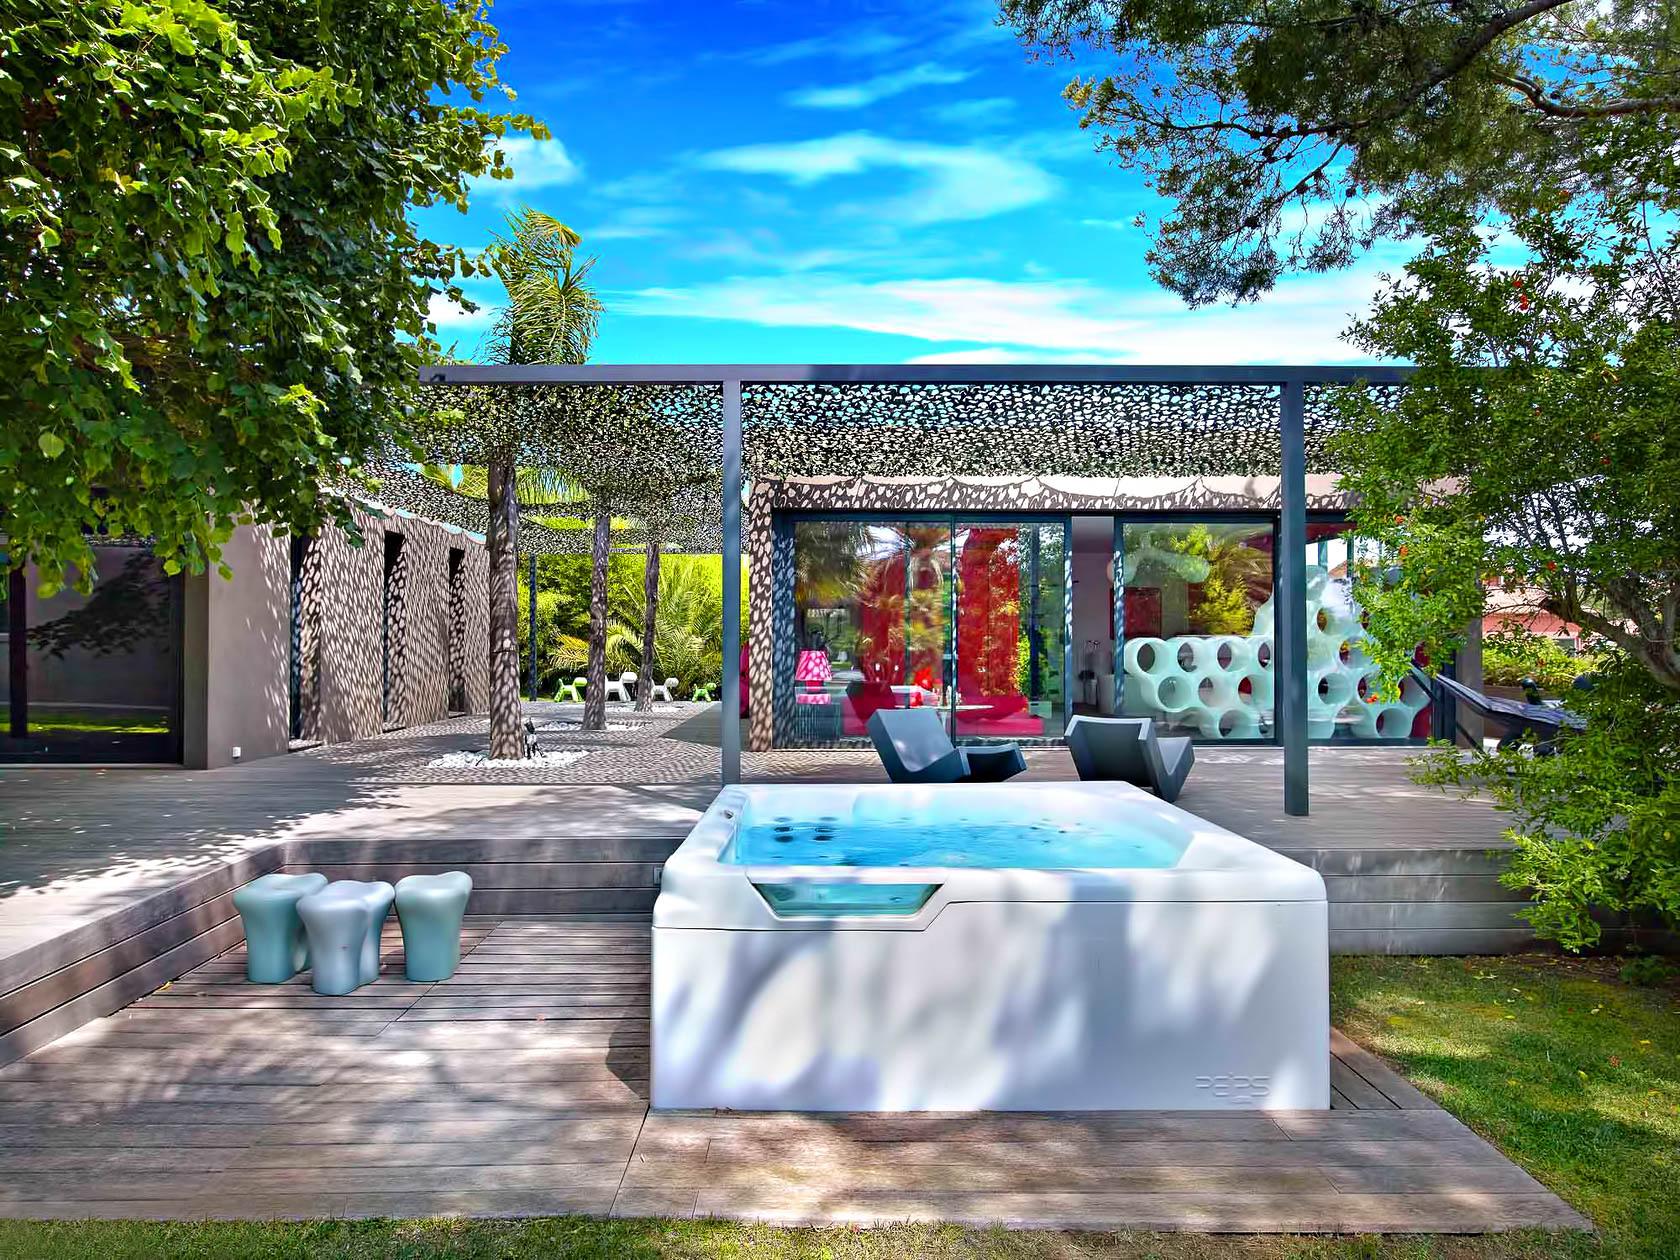 Villa de Prestige – Saint-Raphaël, Provence-Alpes-Côte d'Azur, France